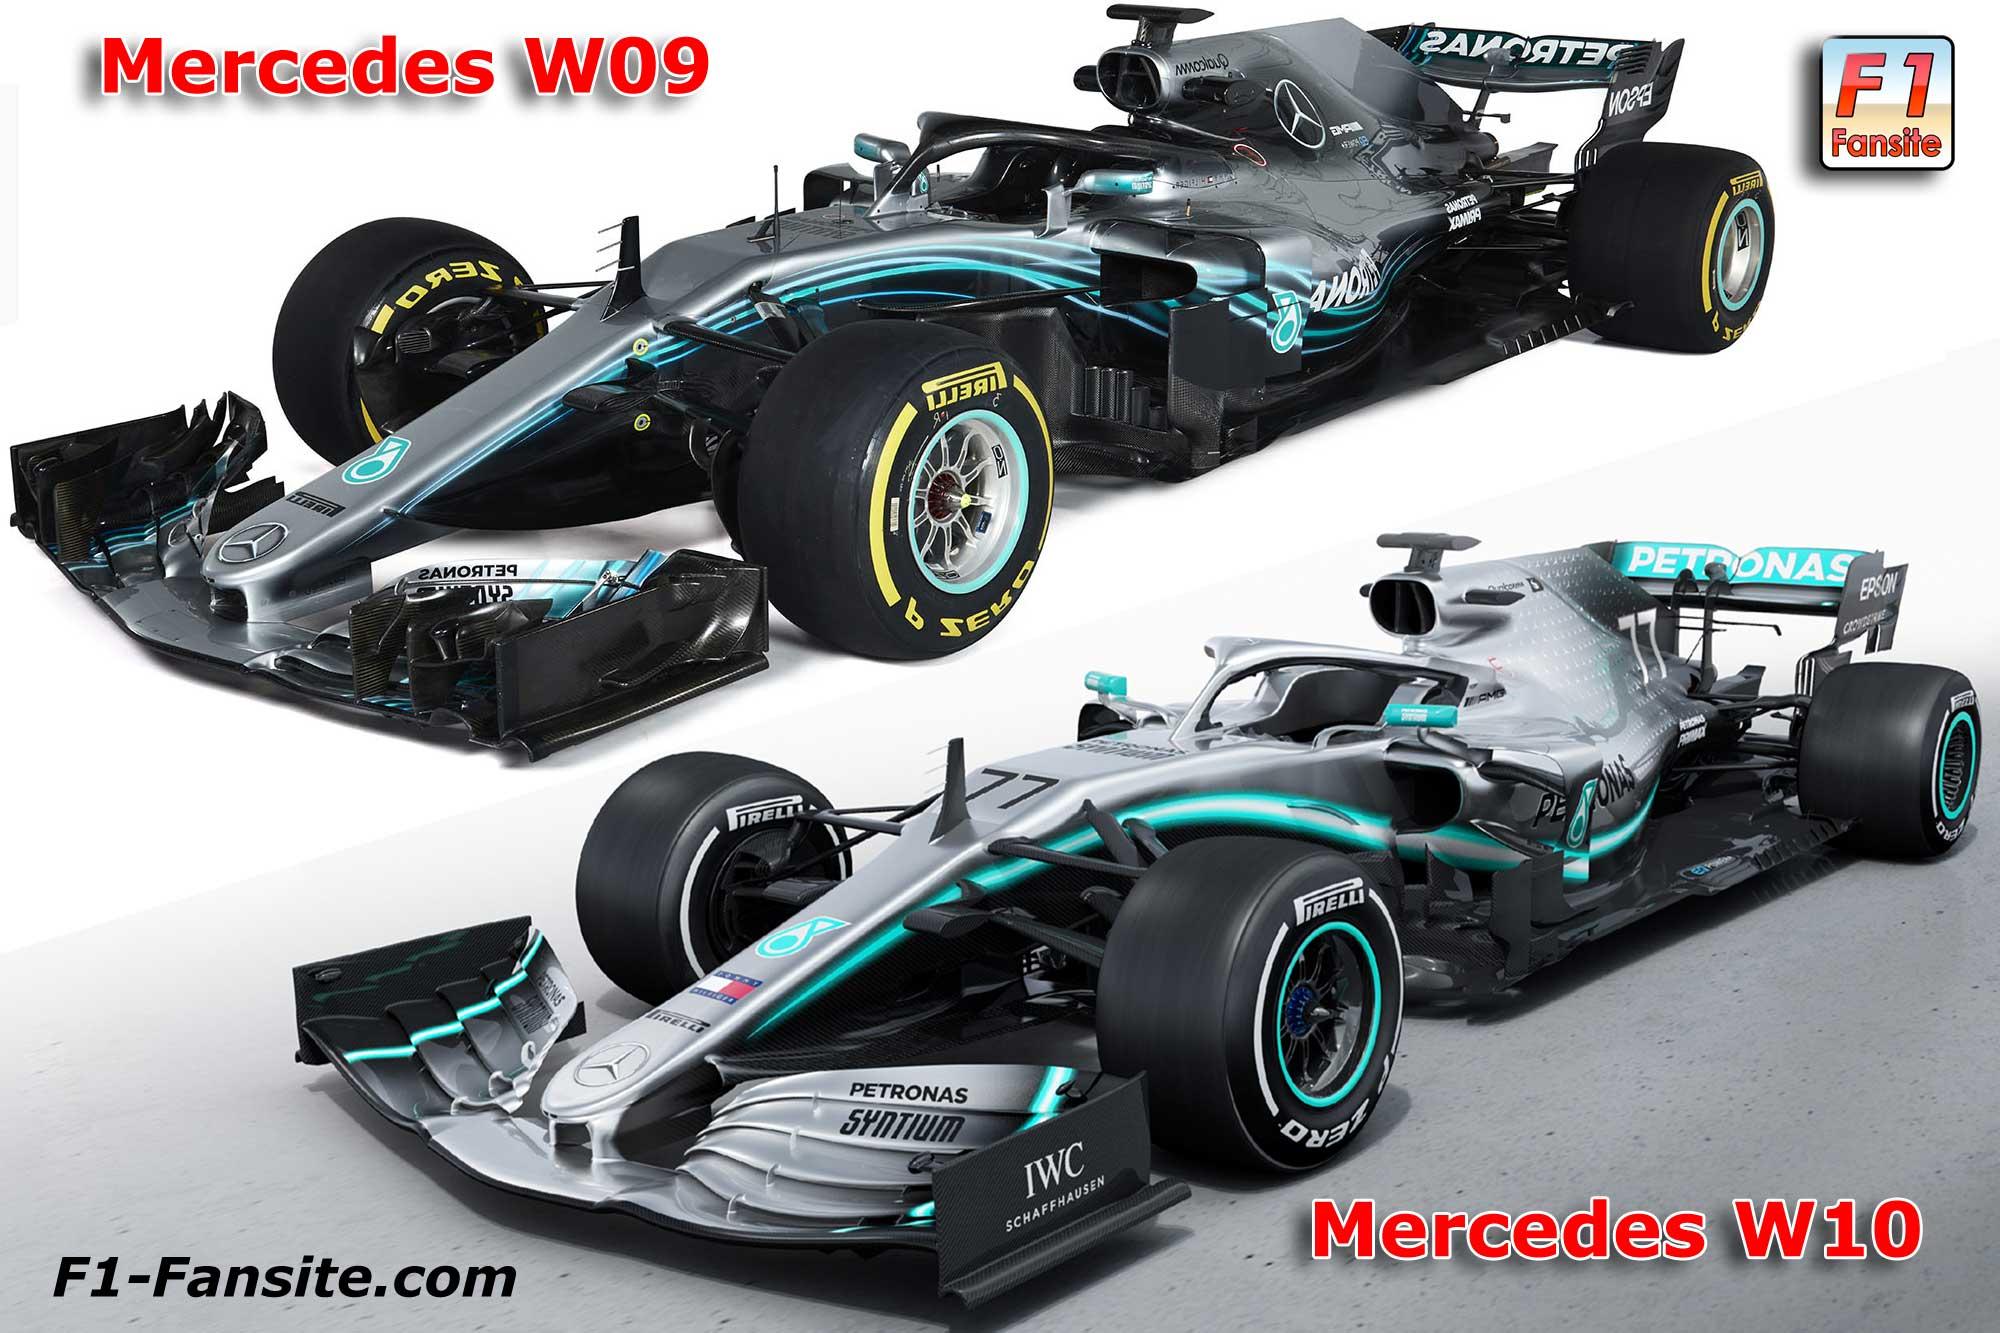 FORMULA 1 - TEMPORADA 2020/F2 Series Mercedes-W10-VS-Mercedes-W09-left-front-view